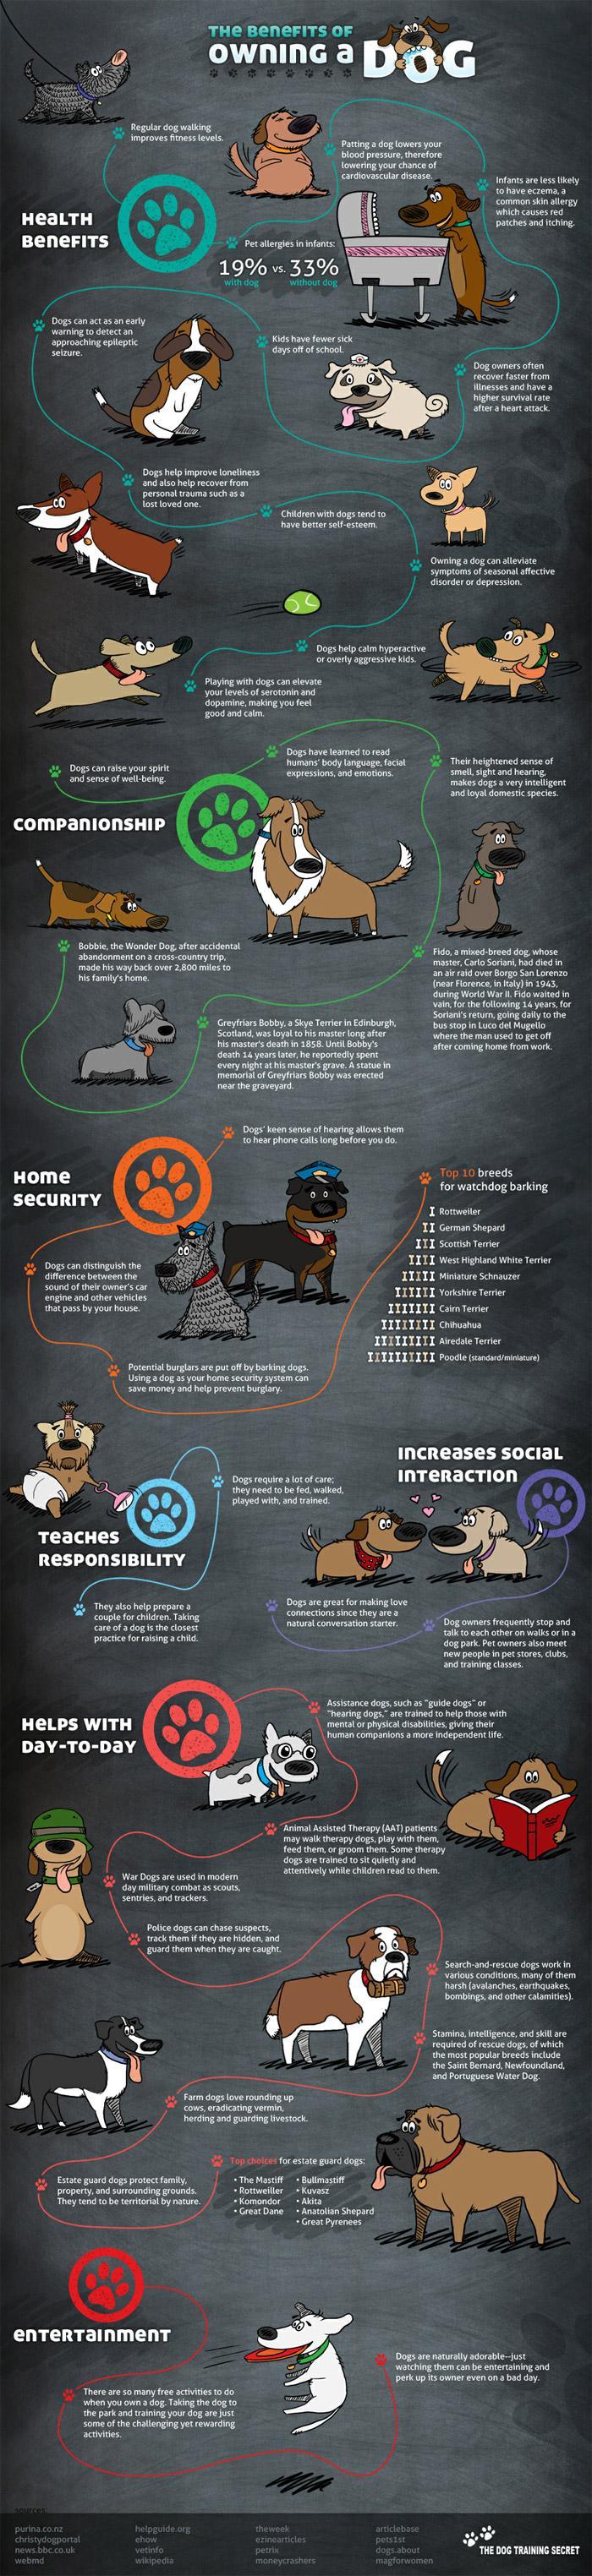 Beneficios tener un perro